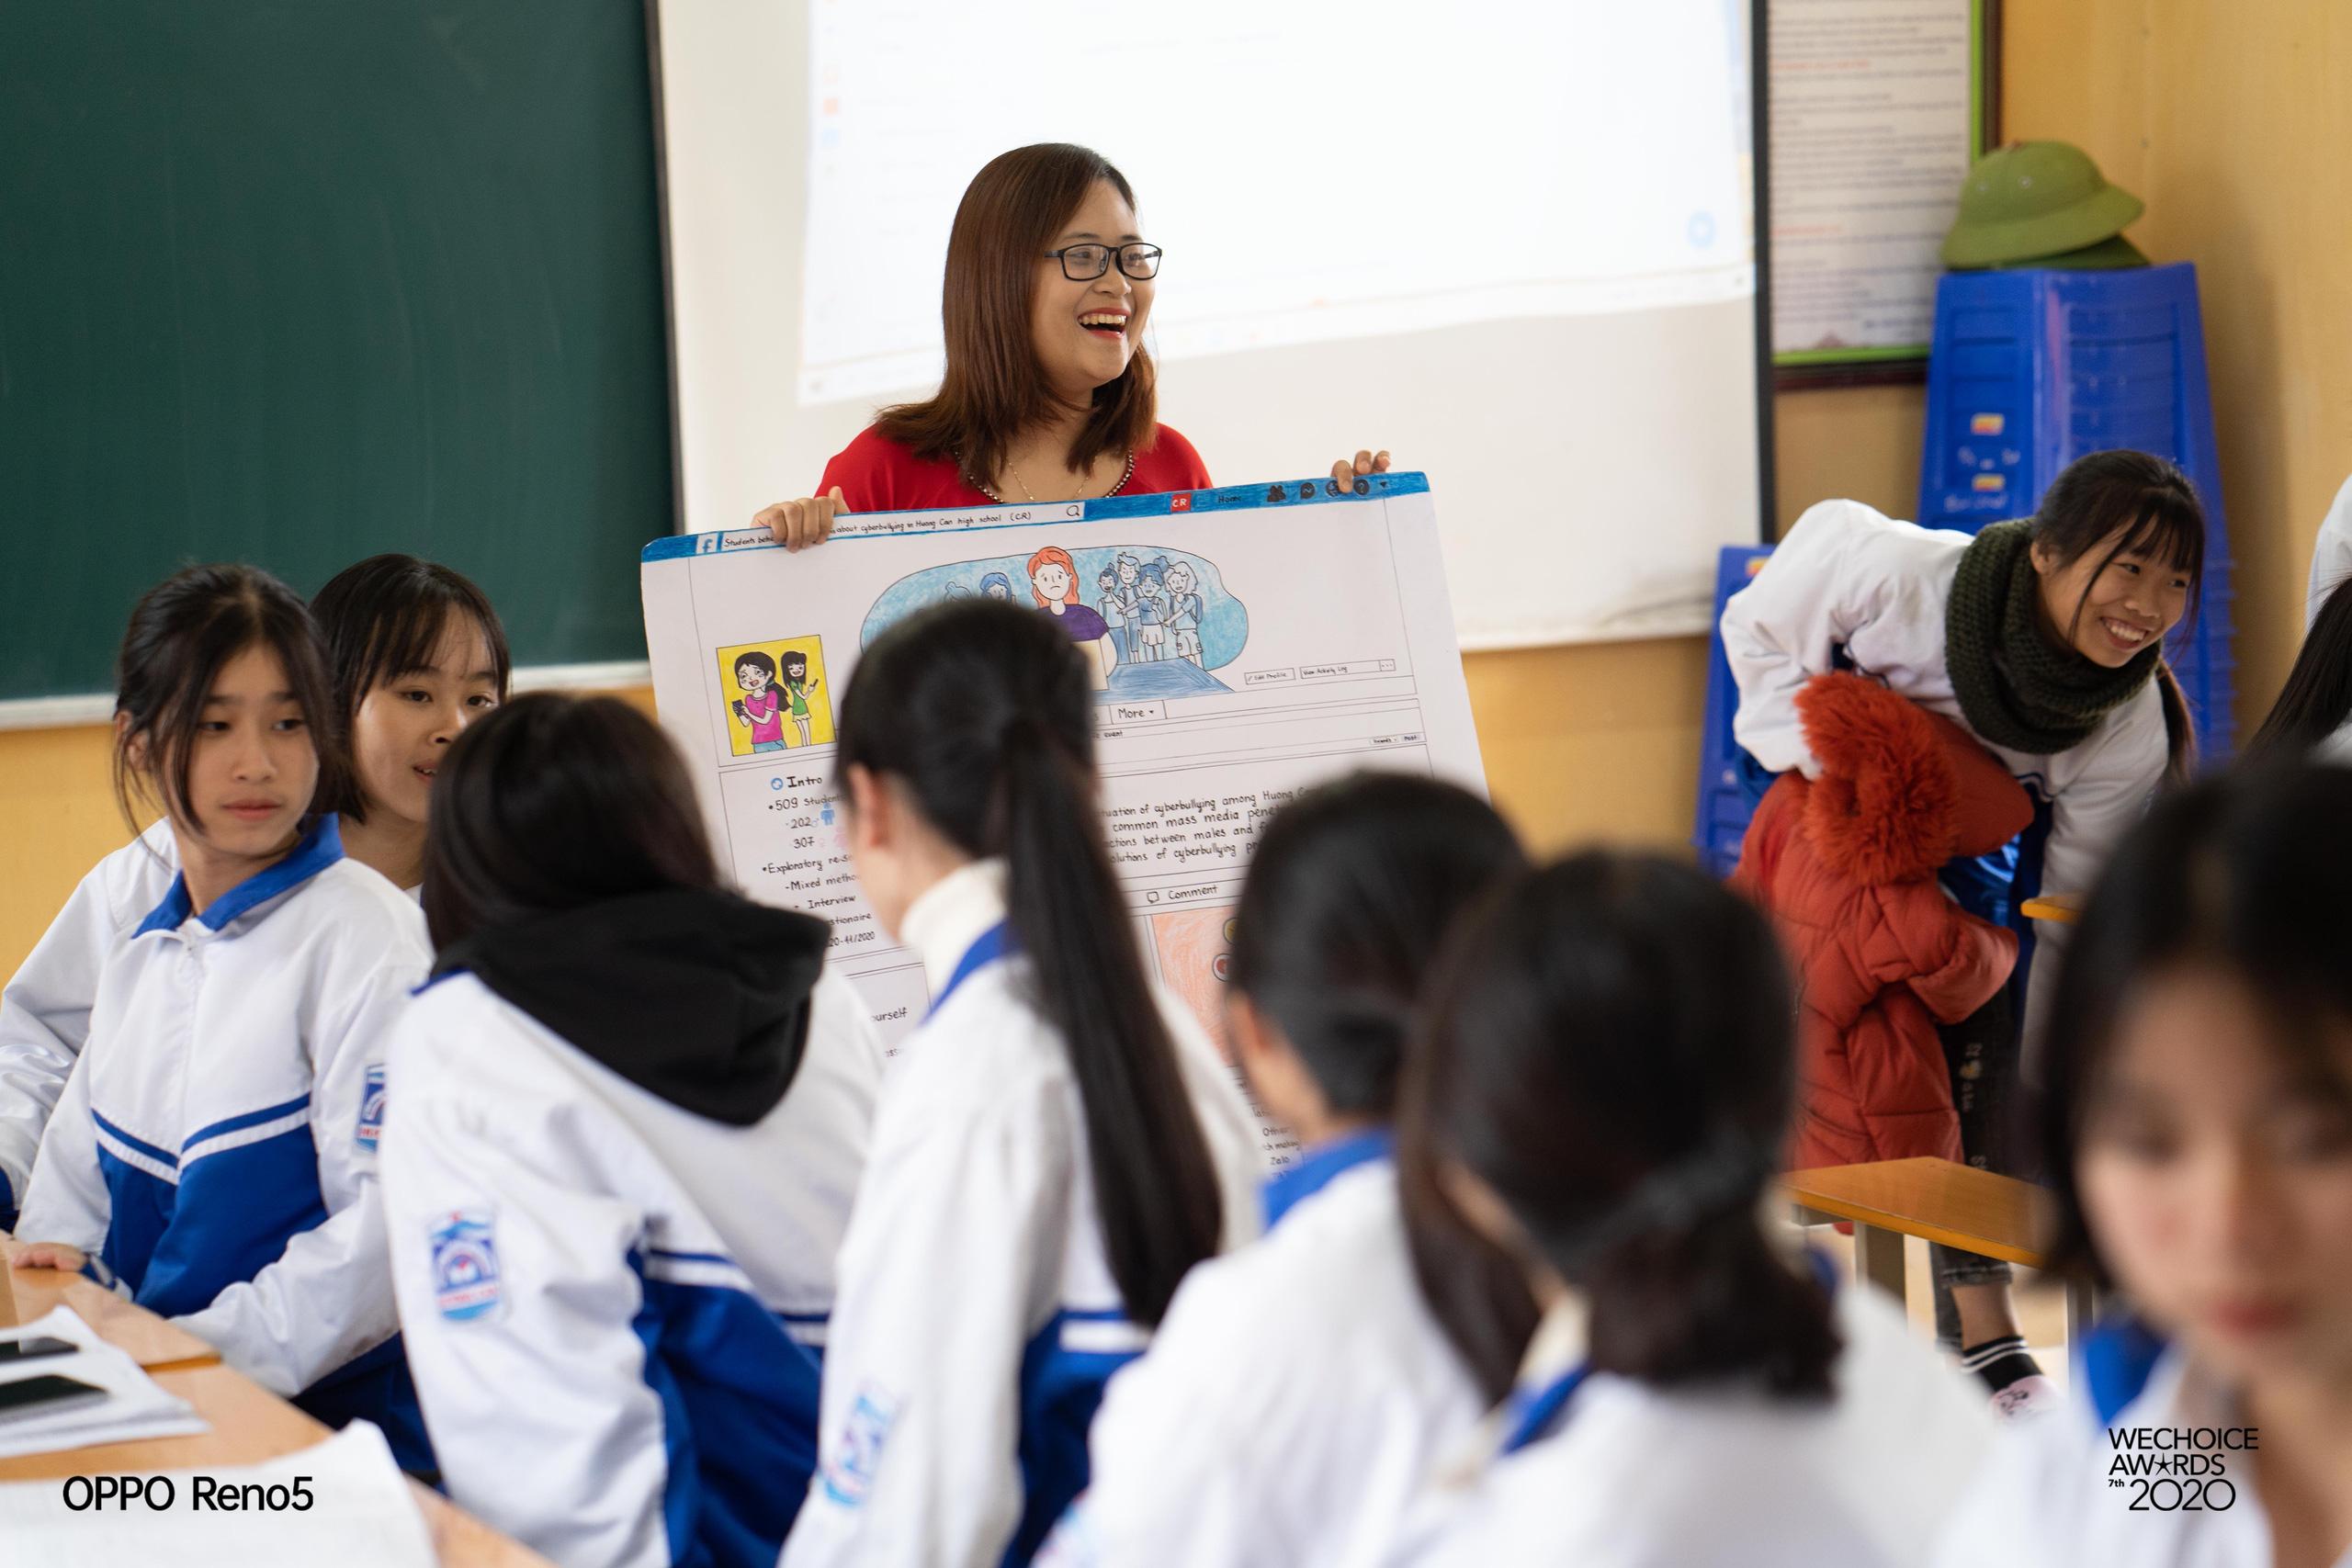 """Cô giáo Việt Nam đầu tiên vào Top 10 giáo viên toàn cầu: """"Thành phố hay nông thôn không phải rào cản, sự ngừng học của giáo viên mới chính là tụt hậu"""" - Ảnh 3."""